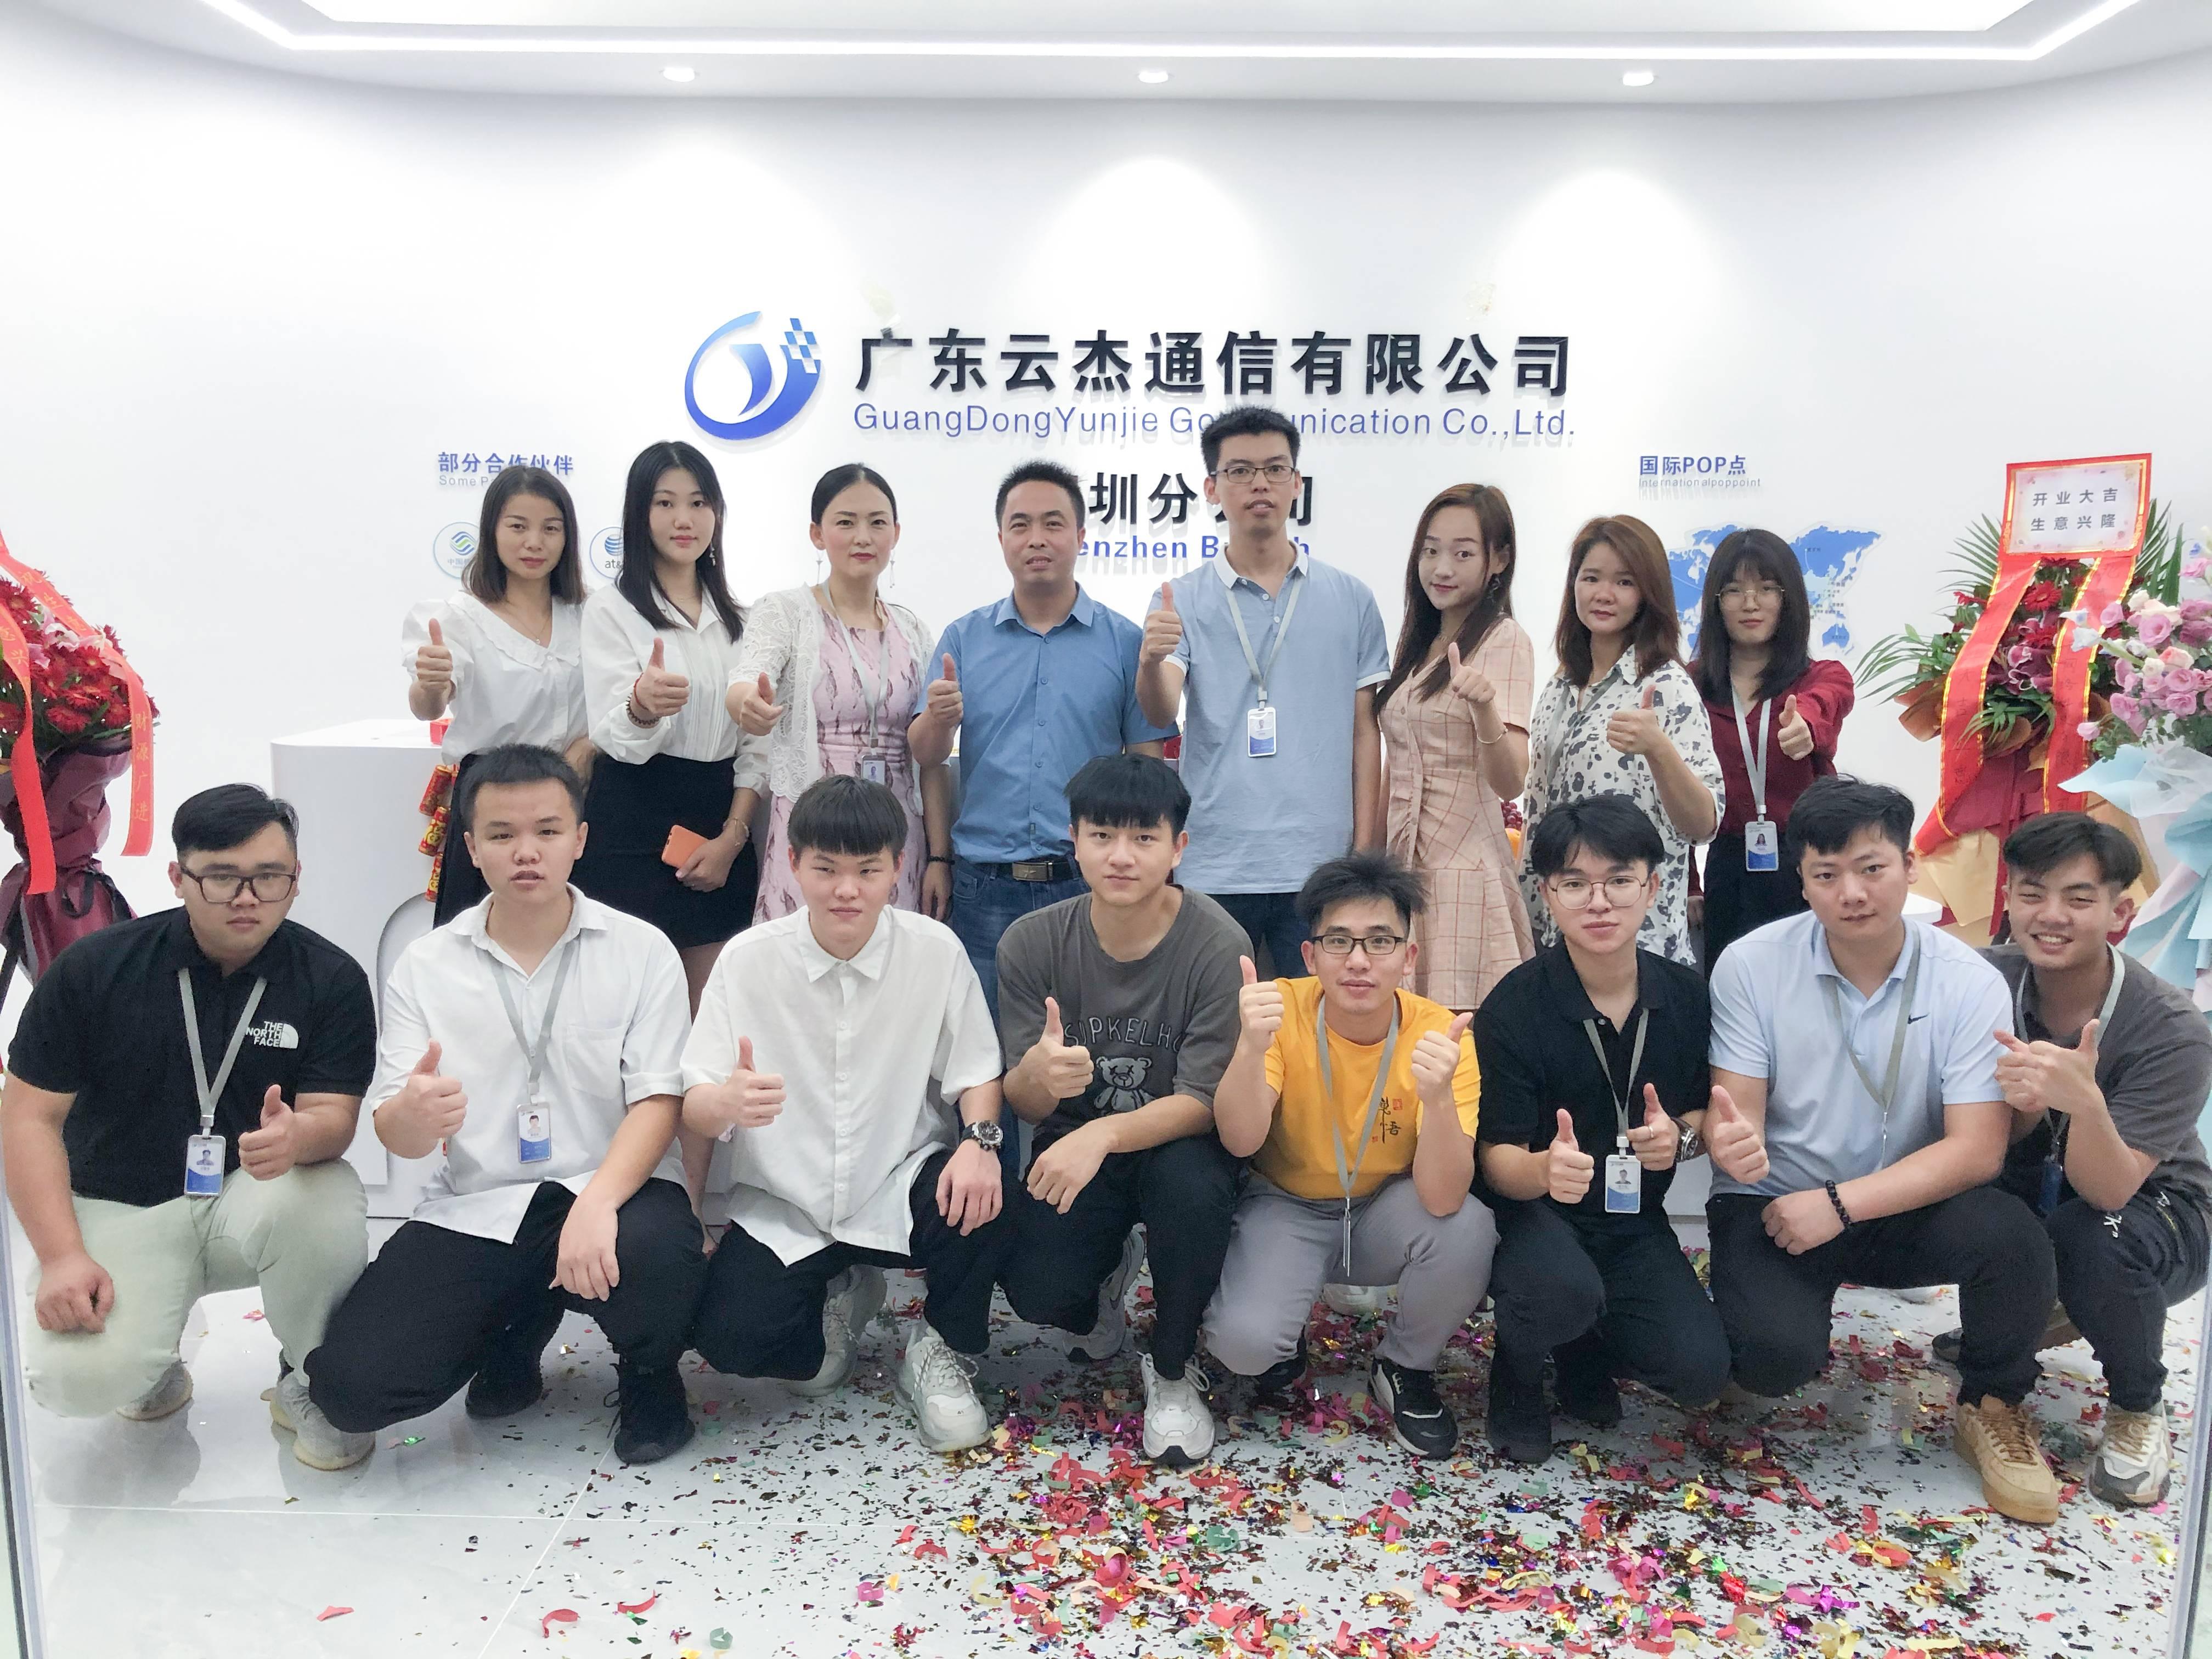 蓄势待发,全新起航 | 云杰通信深圳分公司正式开业!